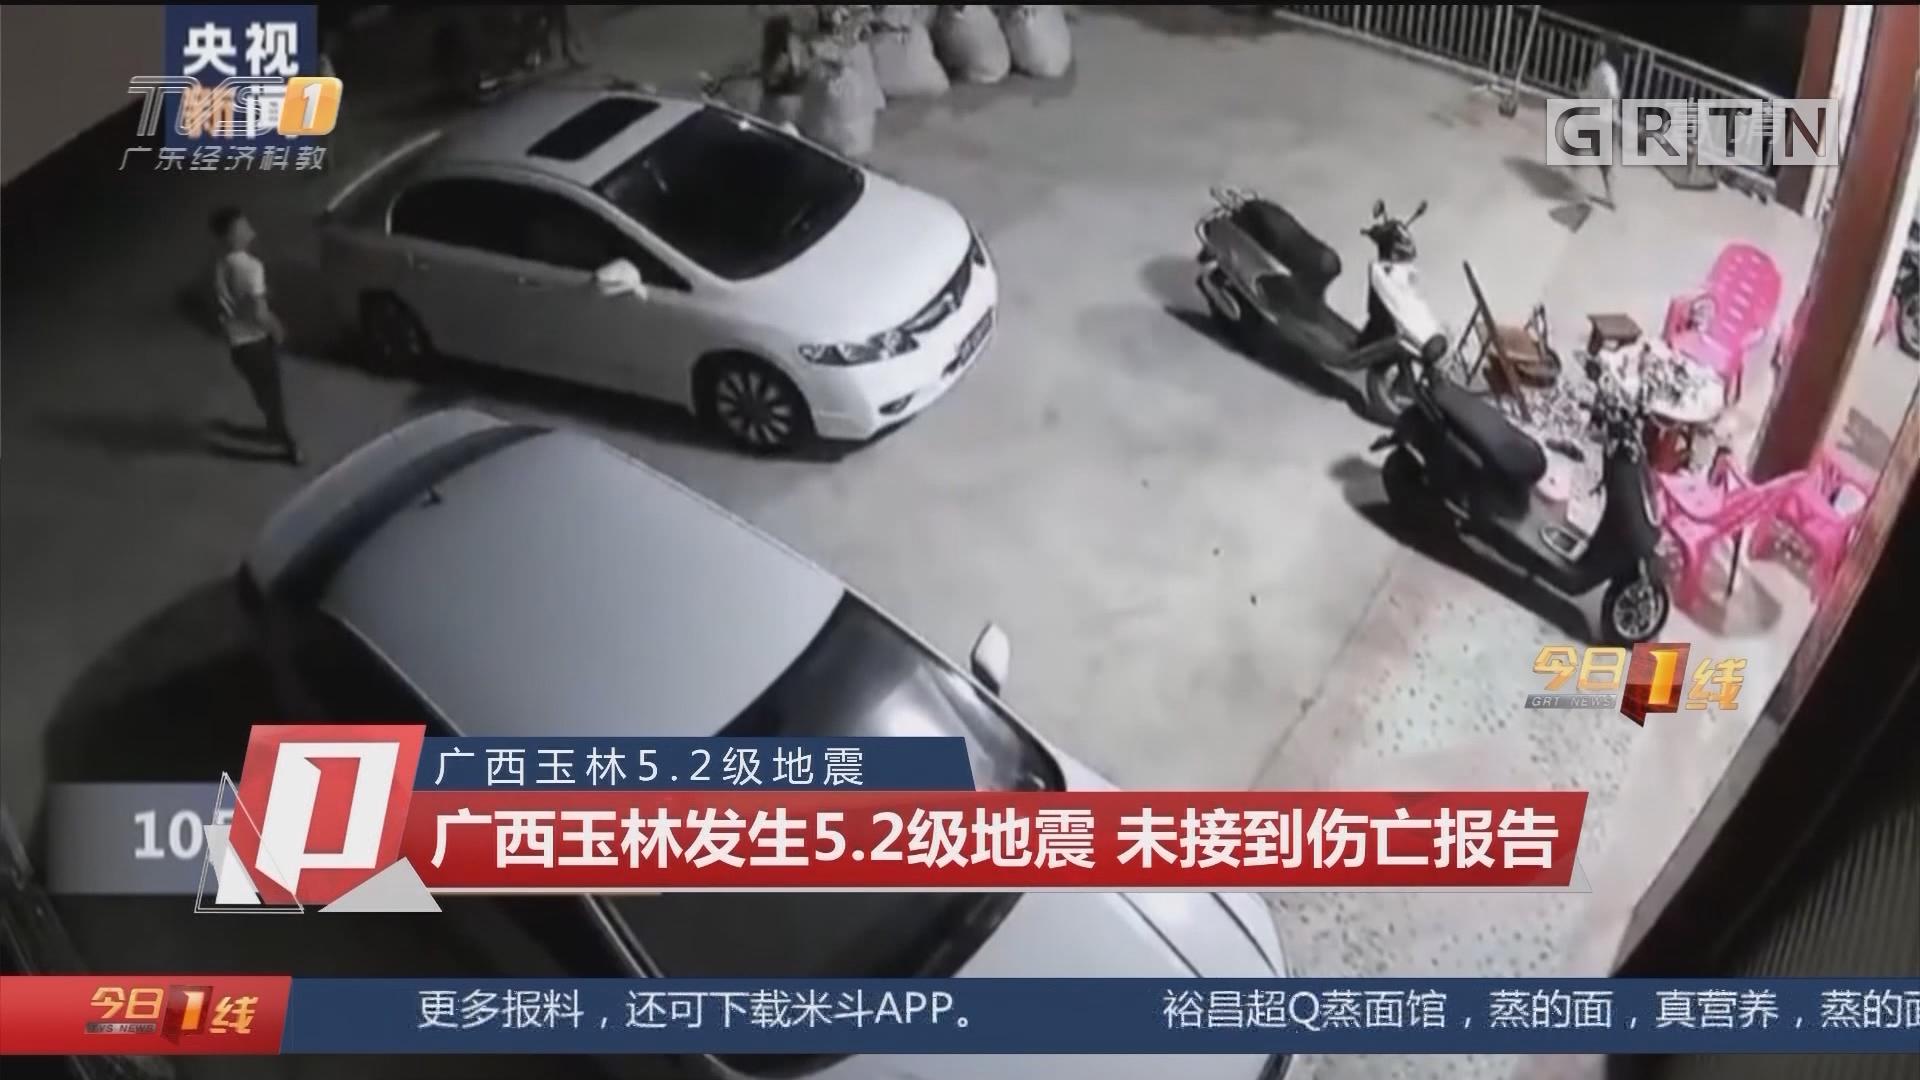 广西玉林5.2级地震:广西玉林发生5.2级地震 未接到伤亡报告